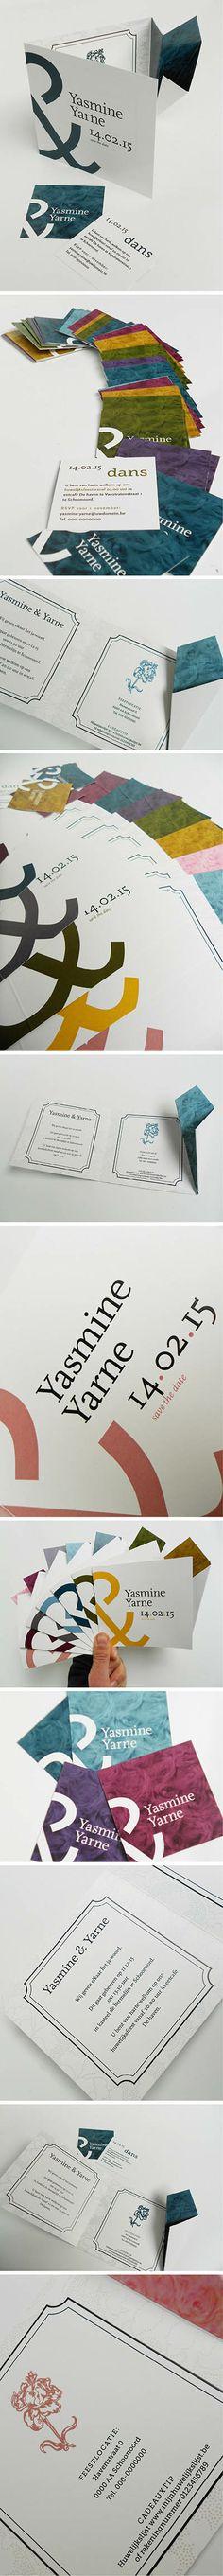 Chique #trouwkaart met boeketje in #origami